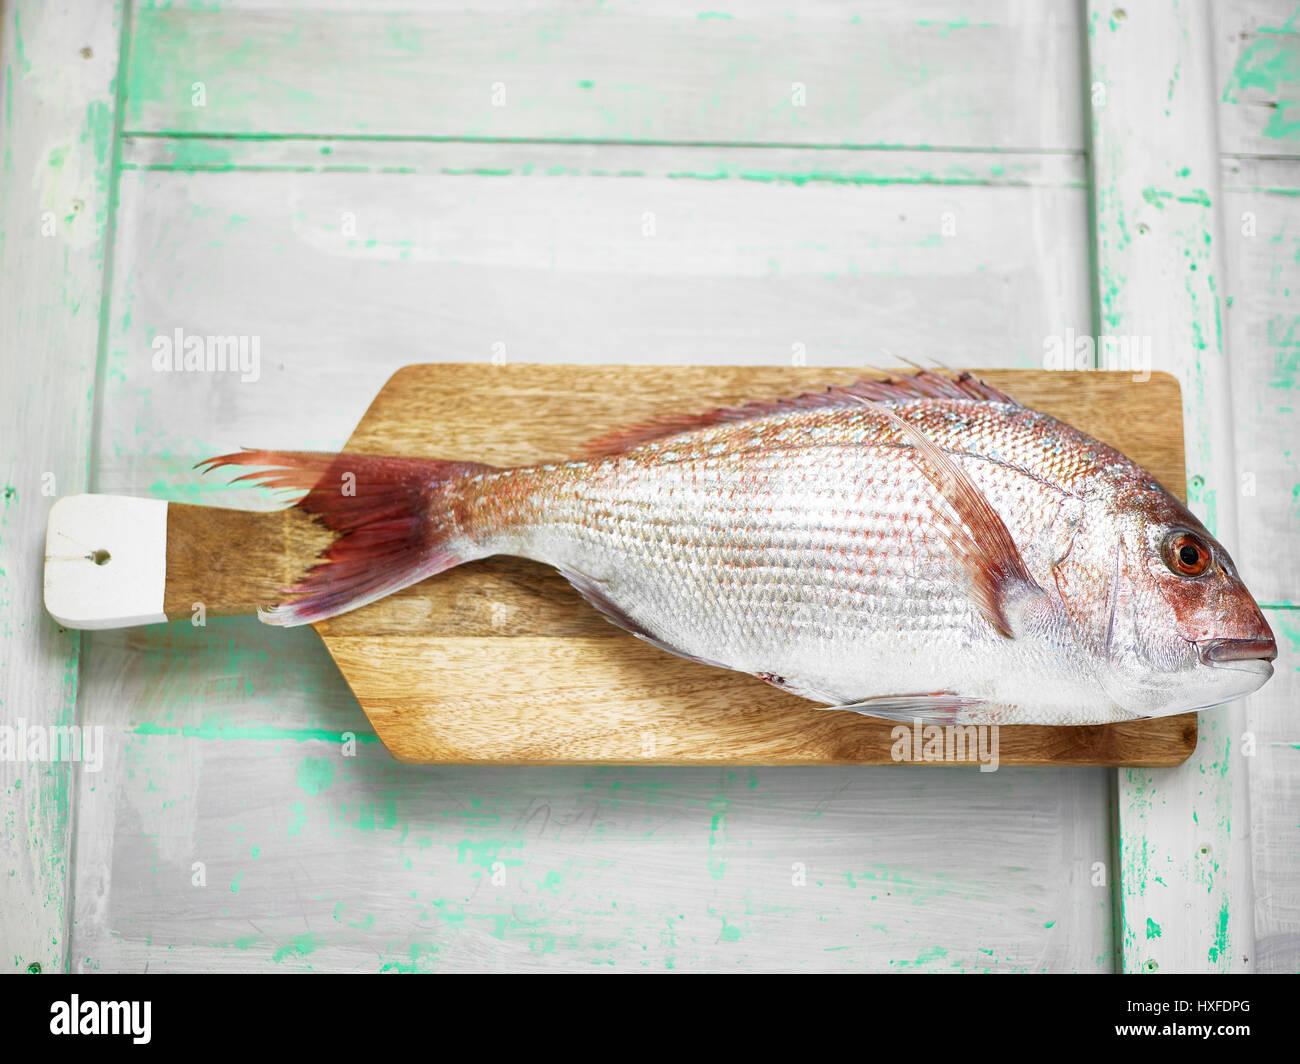 Pargo fresco pescado en una tabla de cortar listo para fileteado Imagen De Stock